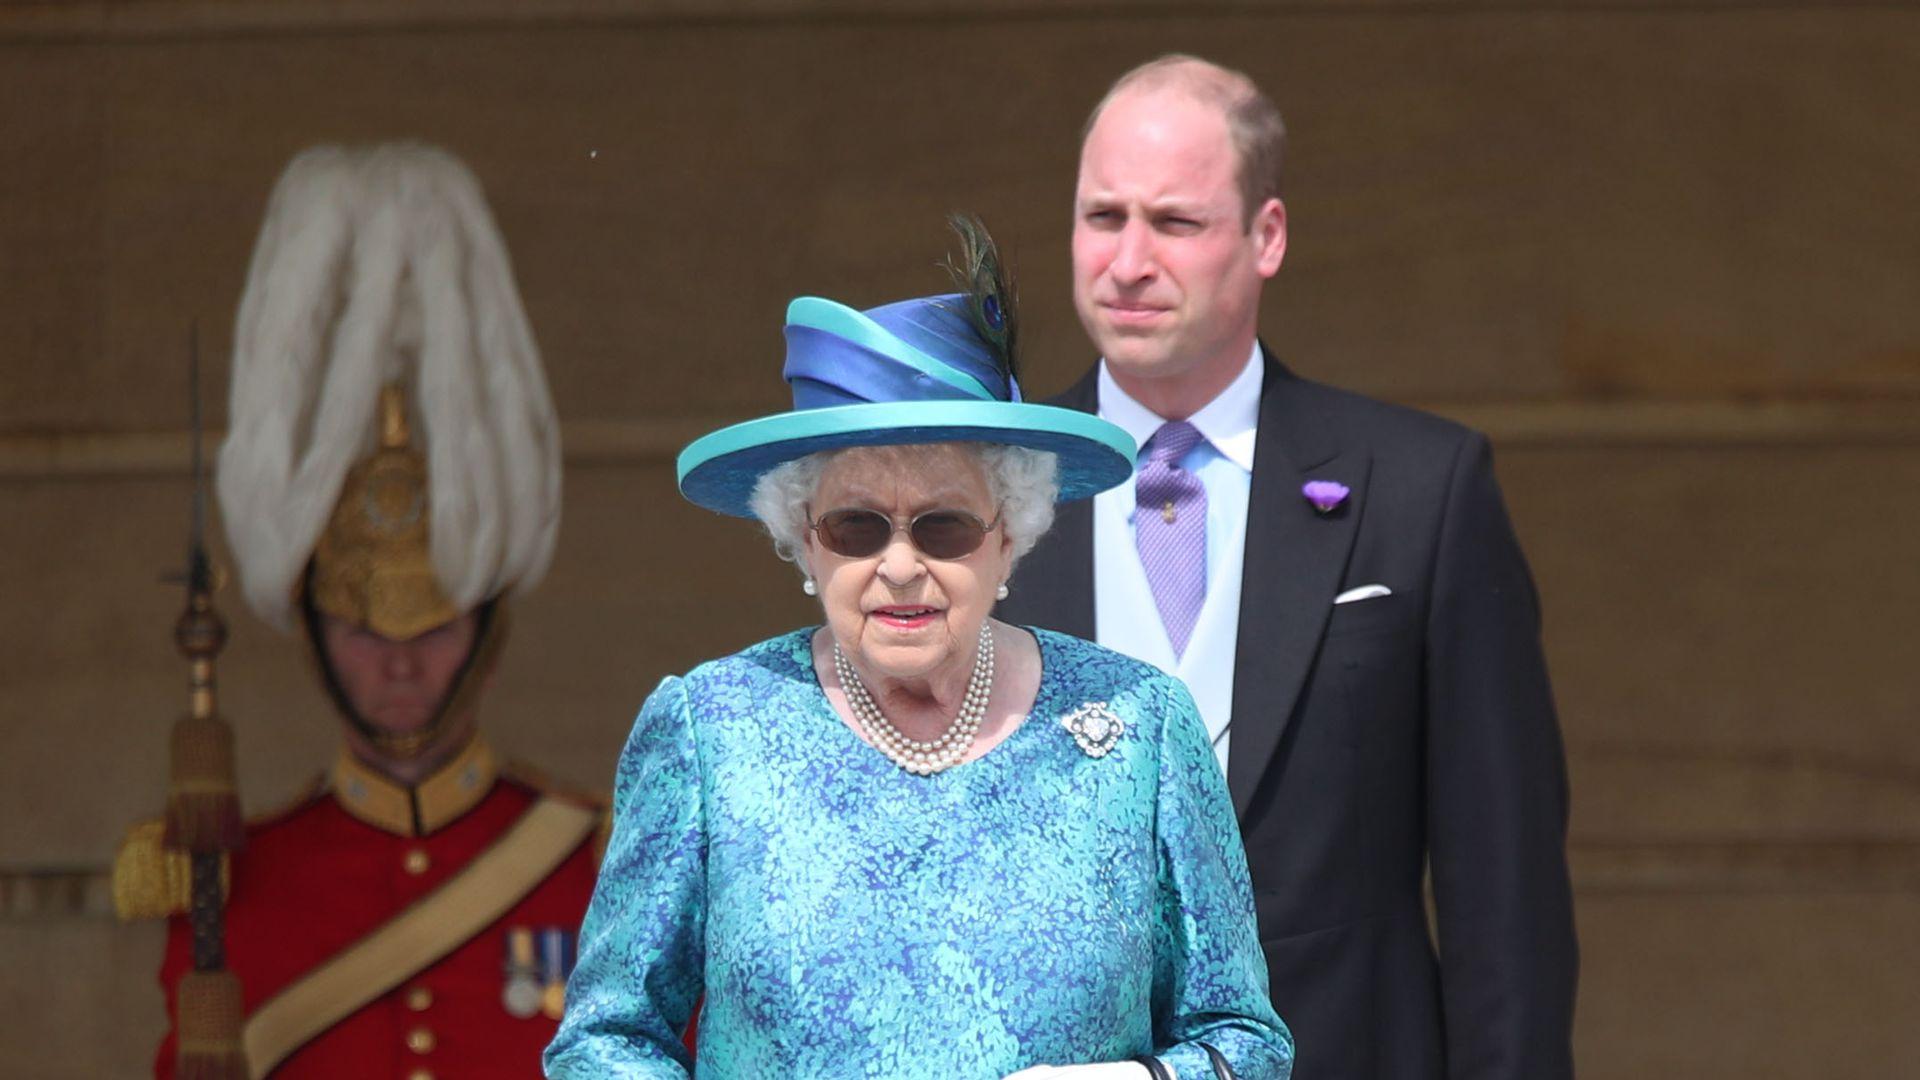 Mit 92 Jahren Queen Elizabeth Ii Wurde An Augen Operiert